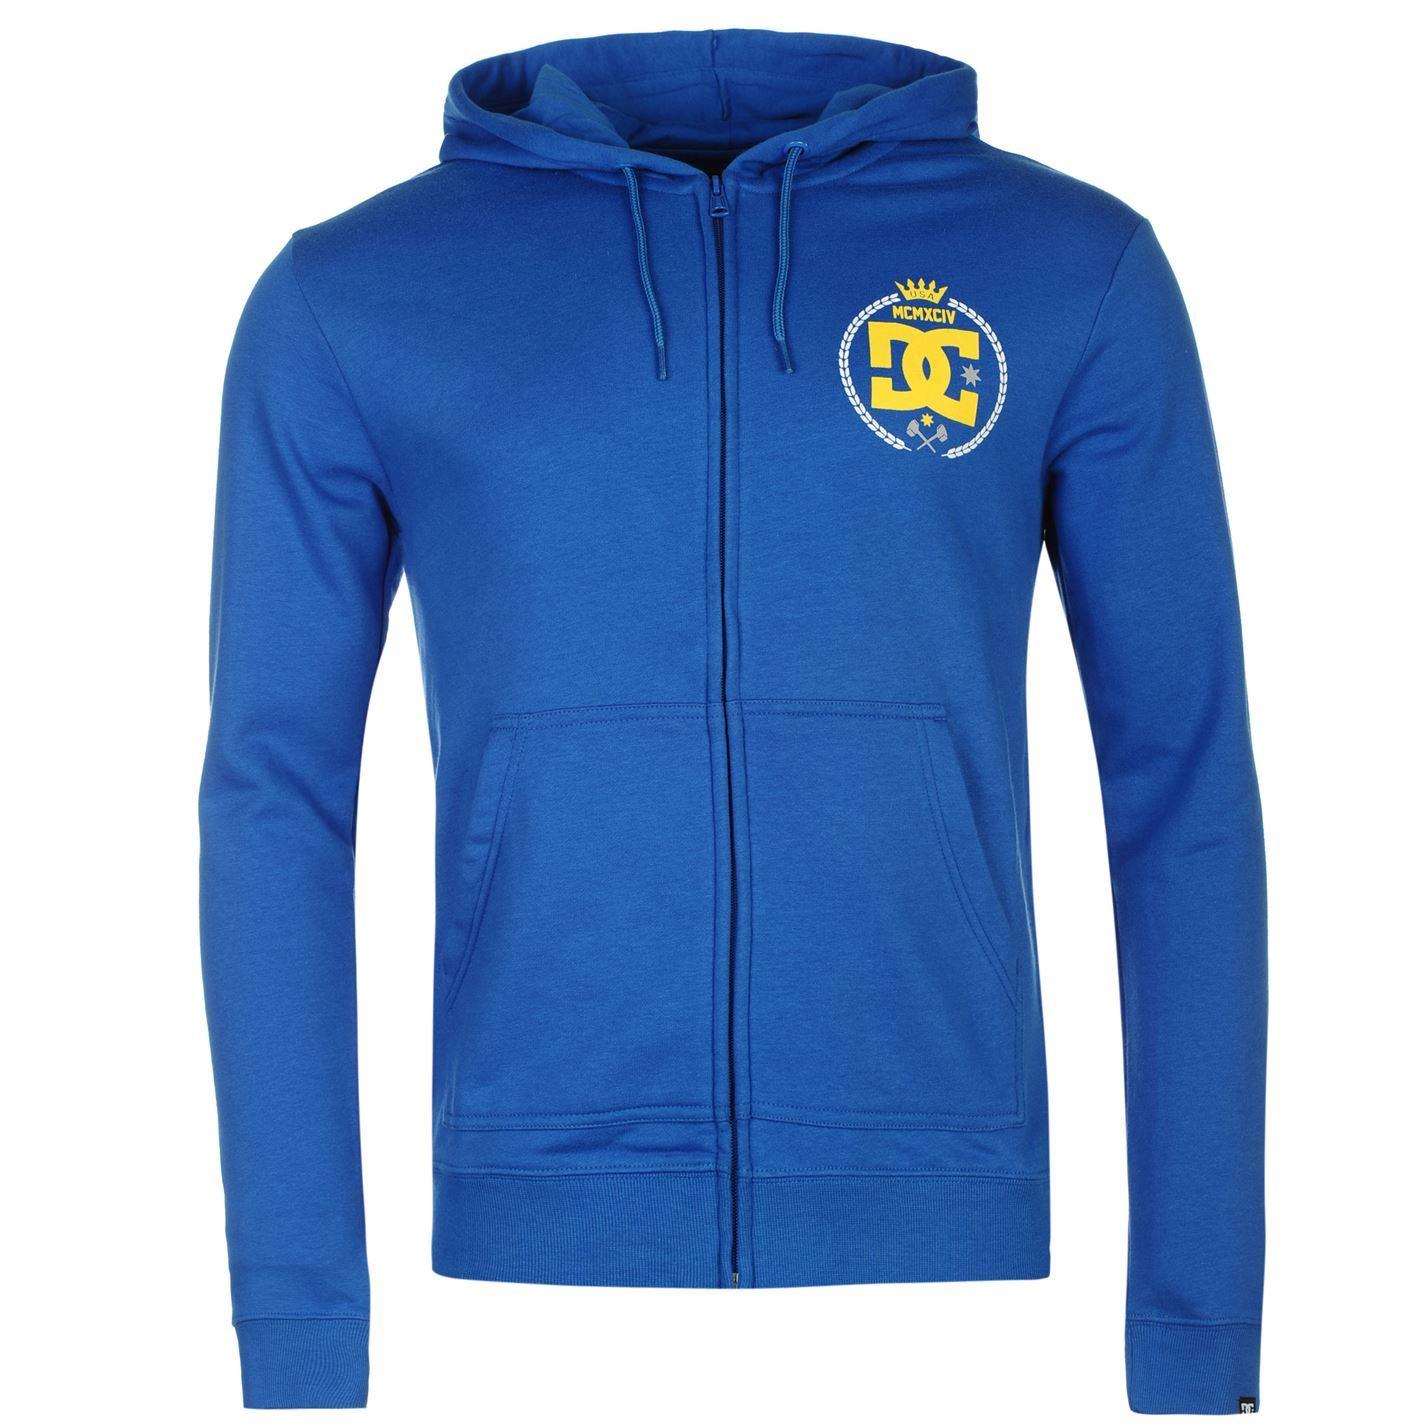 DC-Shoe-Co-Sledge-Full-Zip-Hoody-Jacket-Mens-Hoodie-Sweatshirt-Sweater-Top thumbnail 10